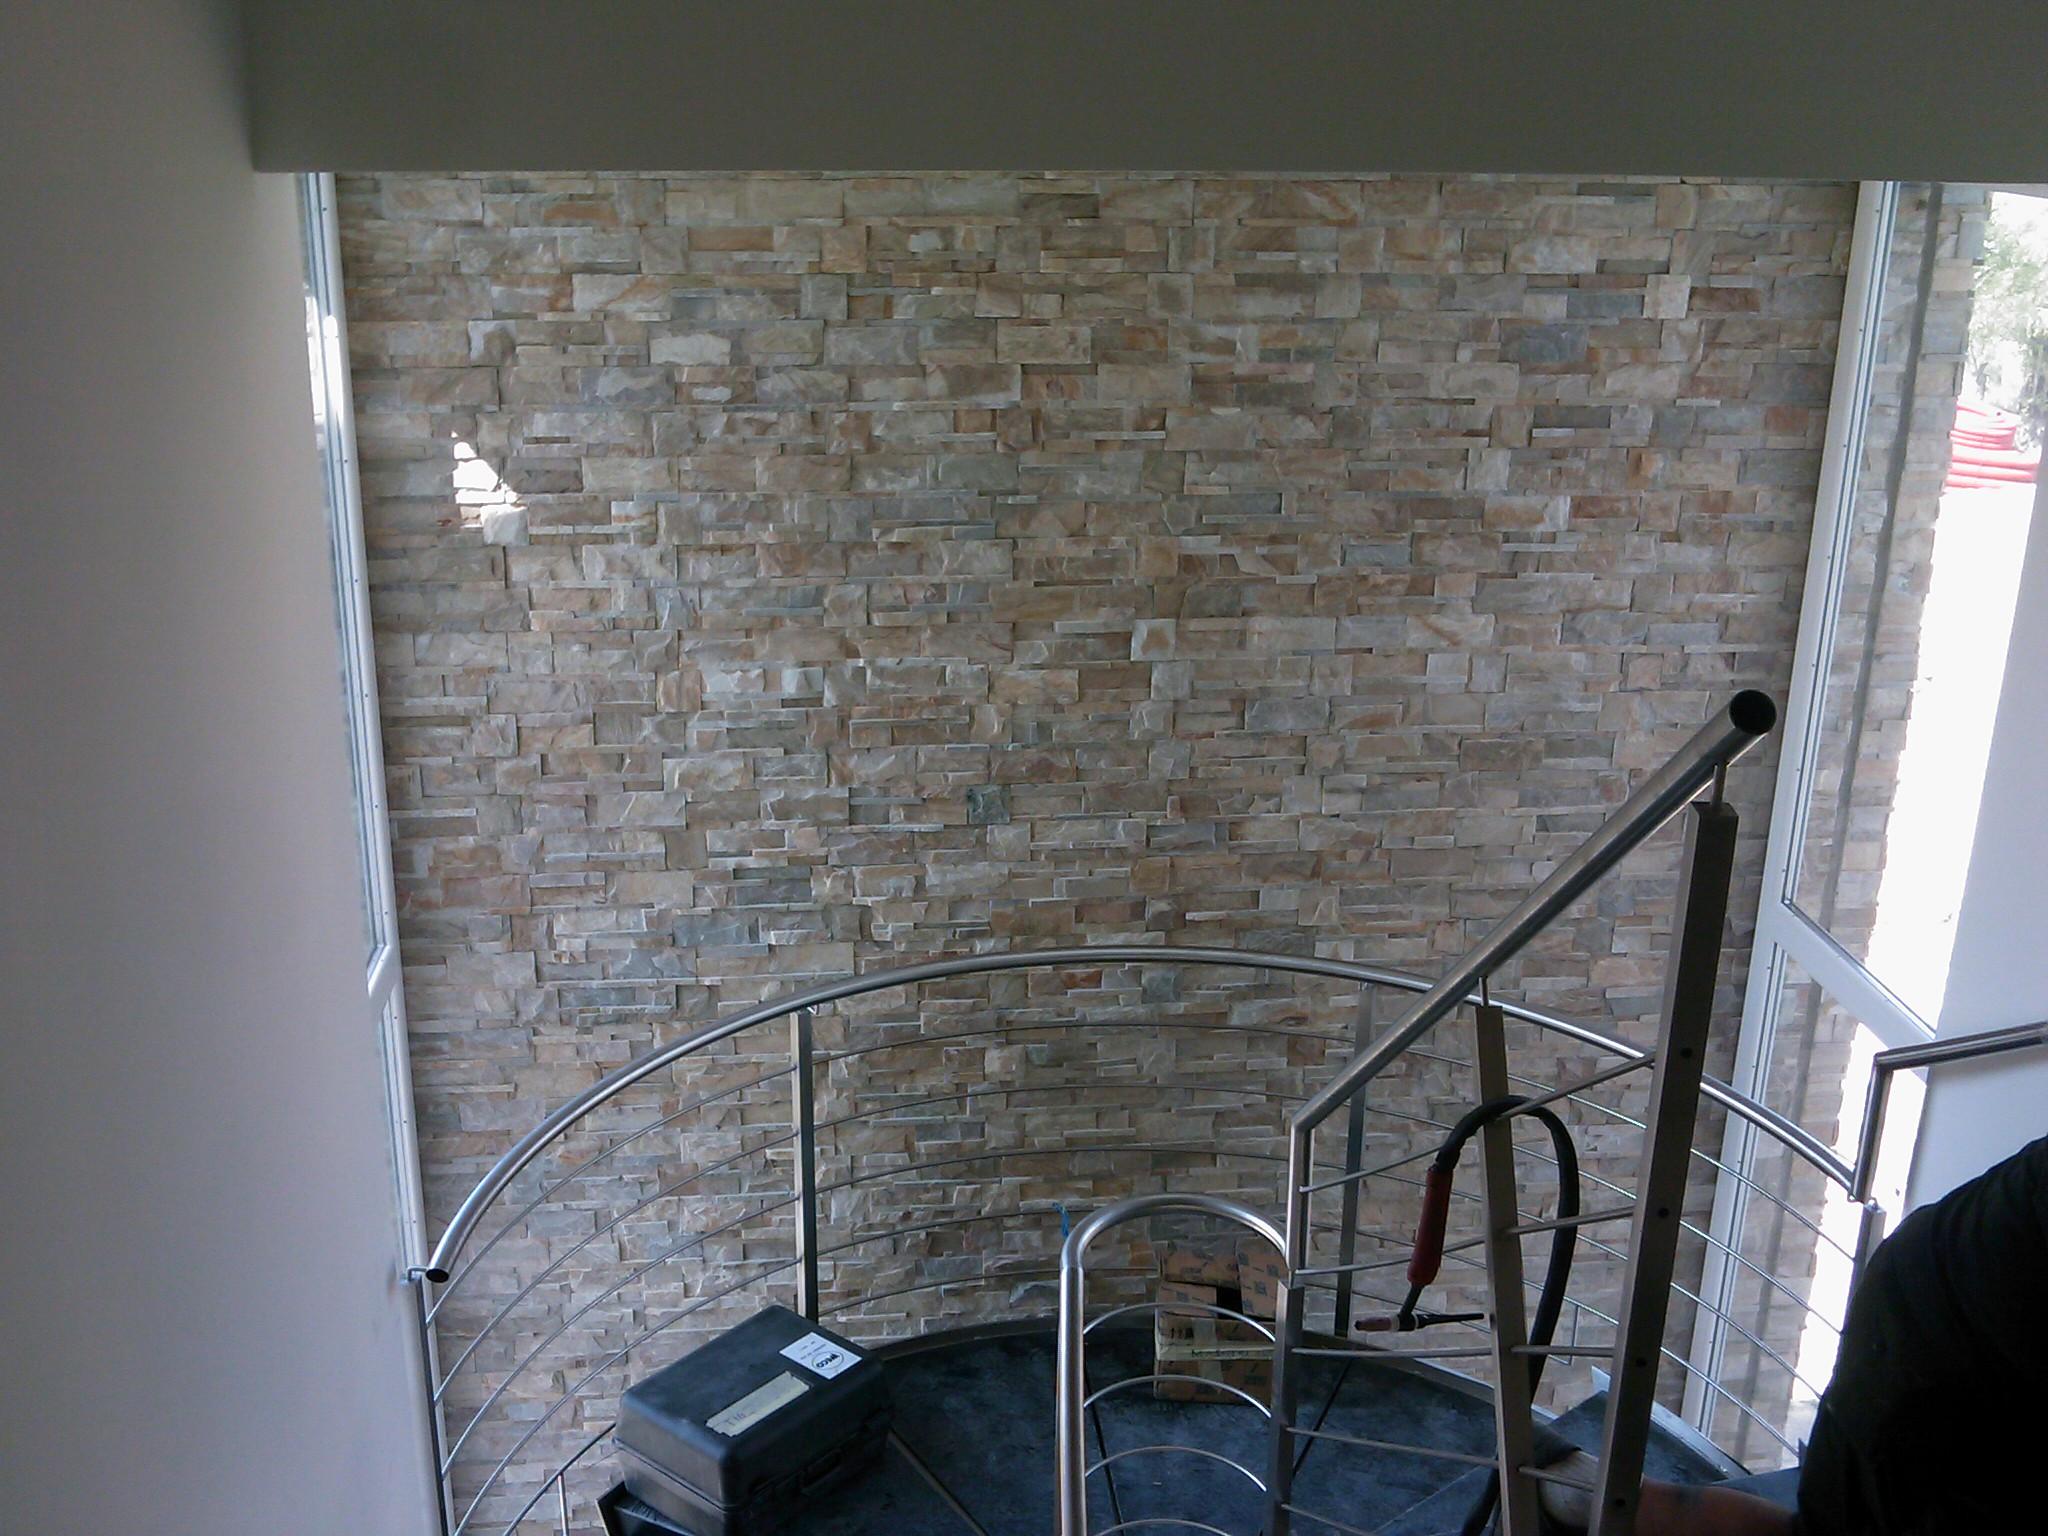 Piastrelle quarzite spaccatello in pietra naturale - Piastrelle rivestimento esterno ...